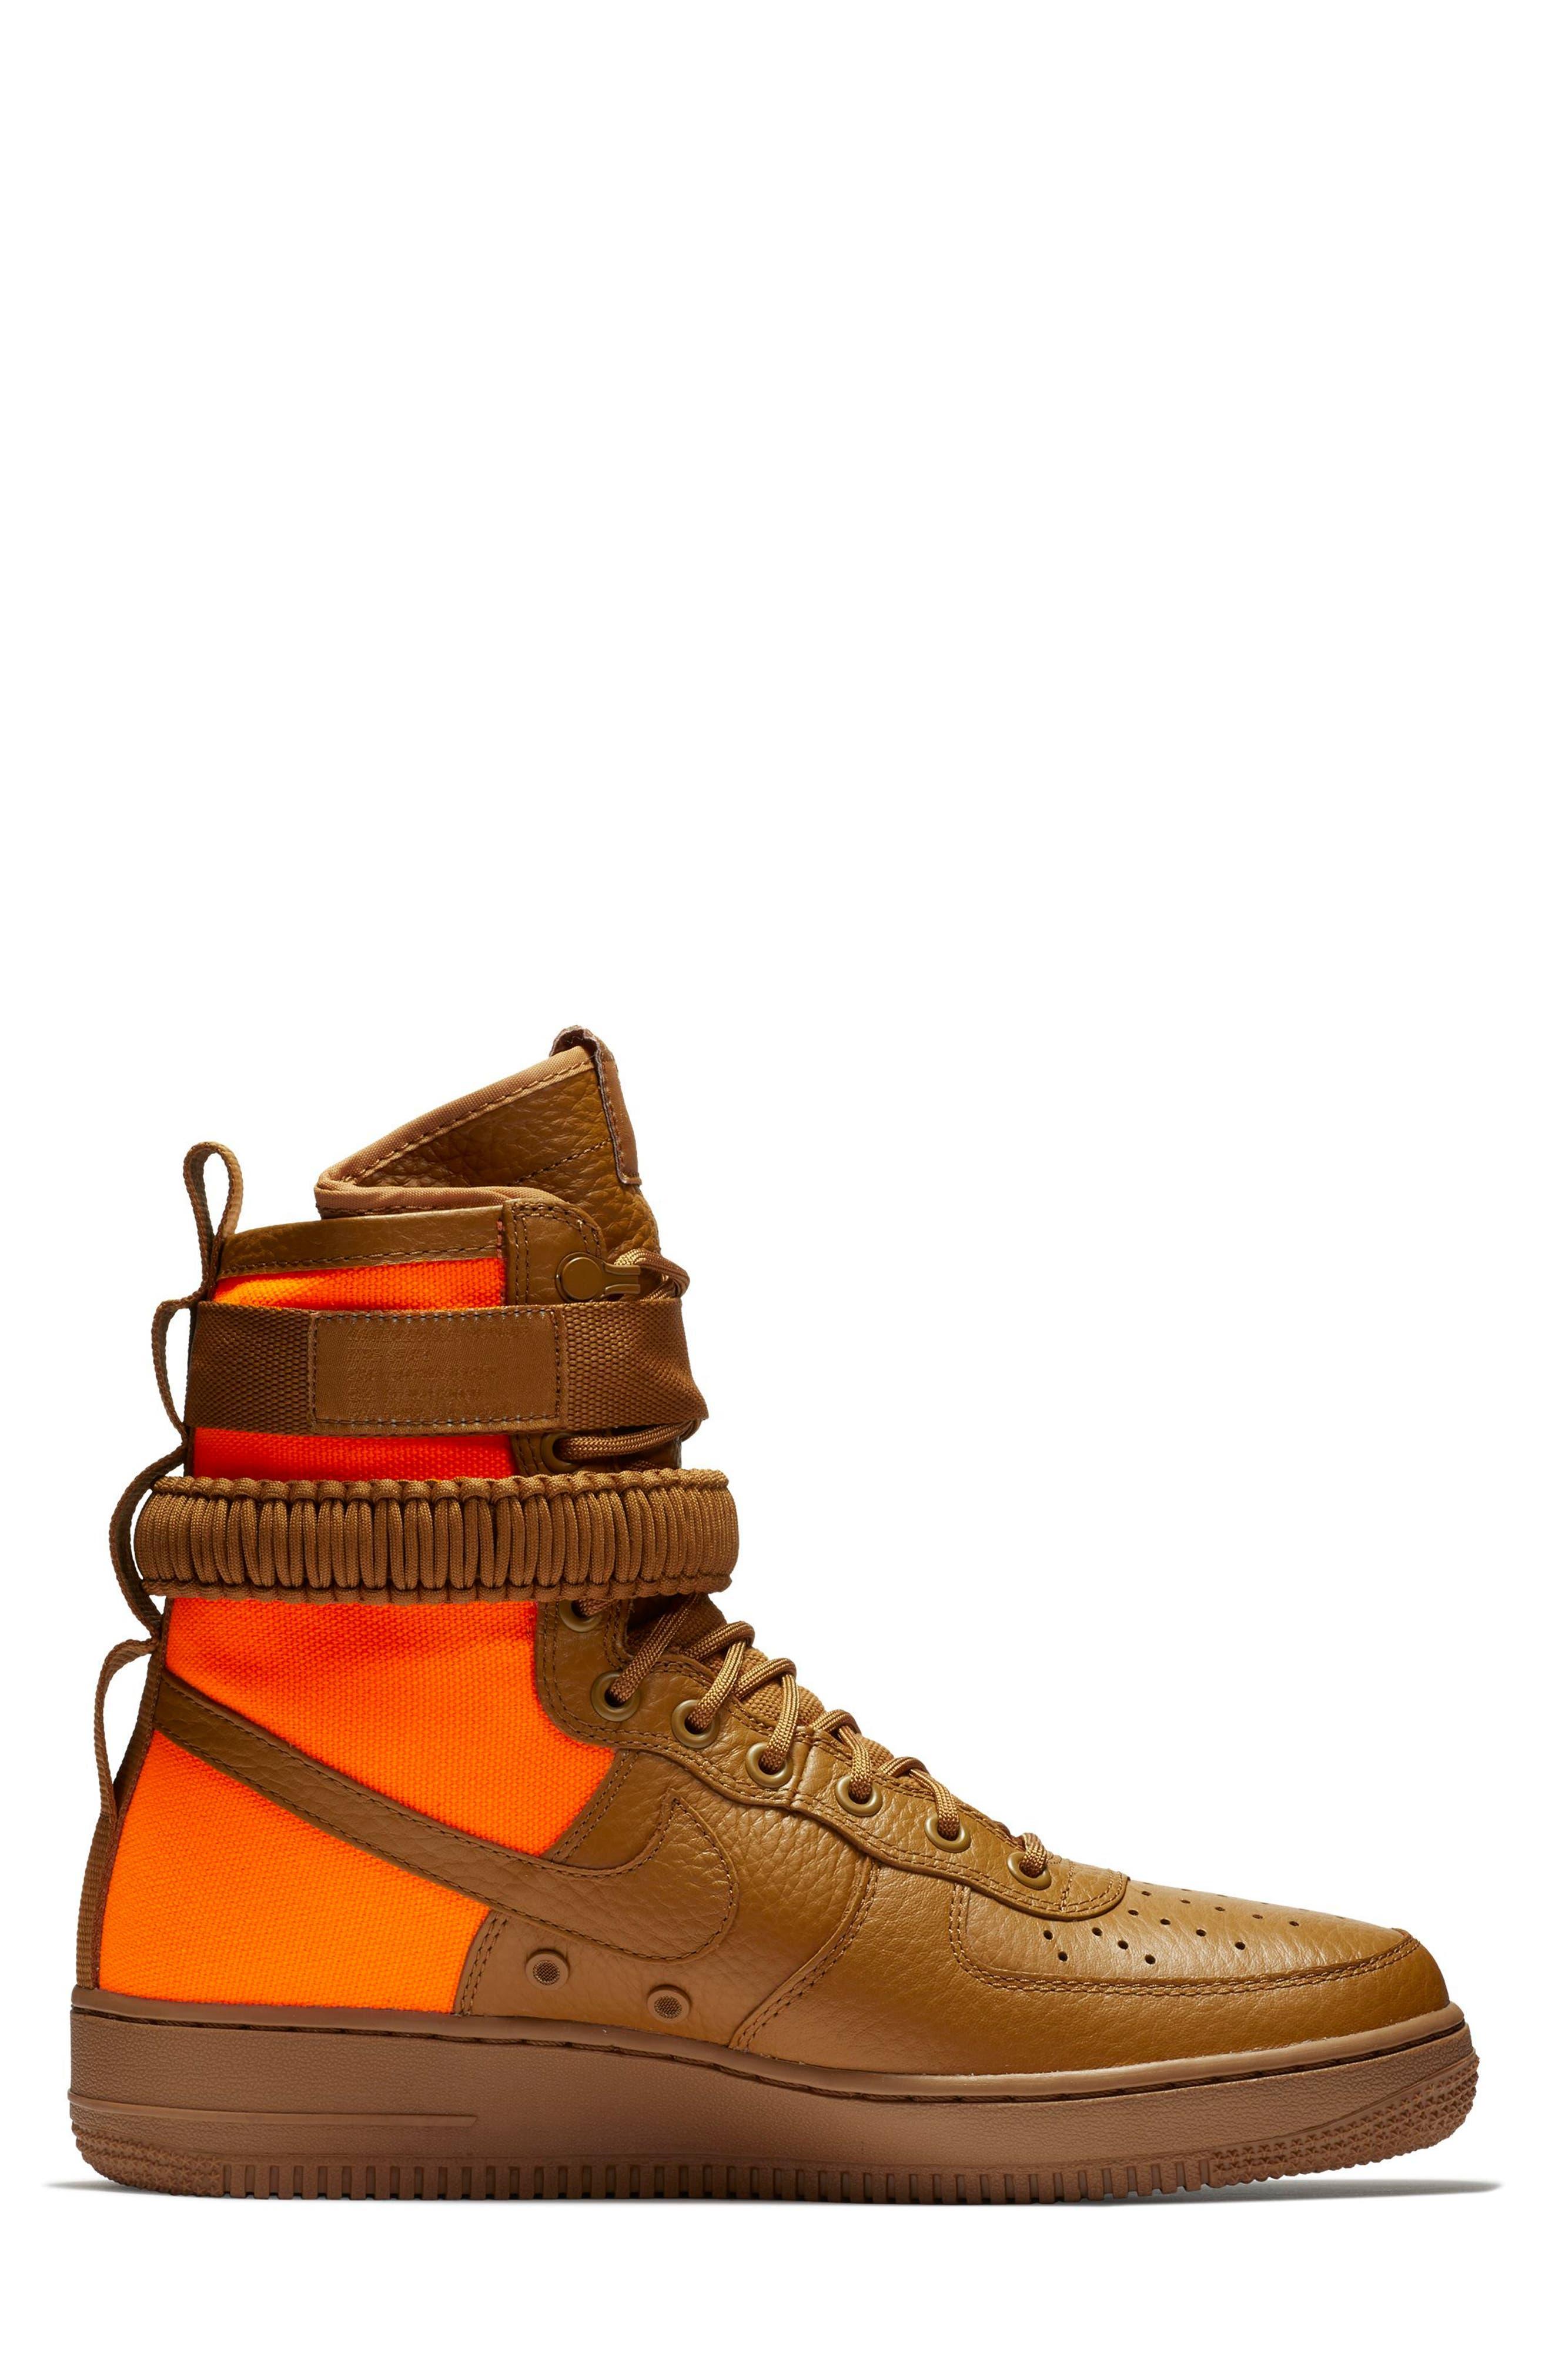 SF Air Force 1 QS High Top Sneaker,                             Alternate thumbnail 3, color,                             200